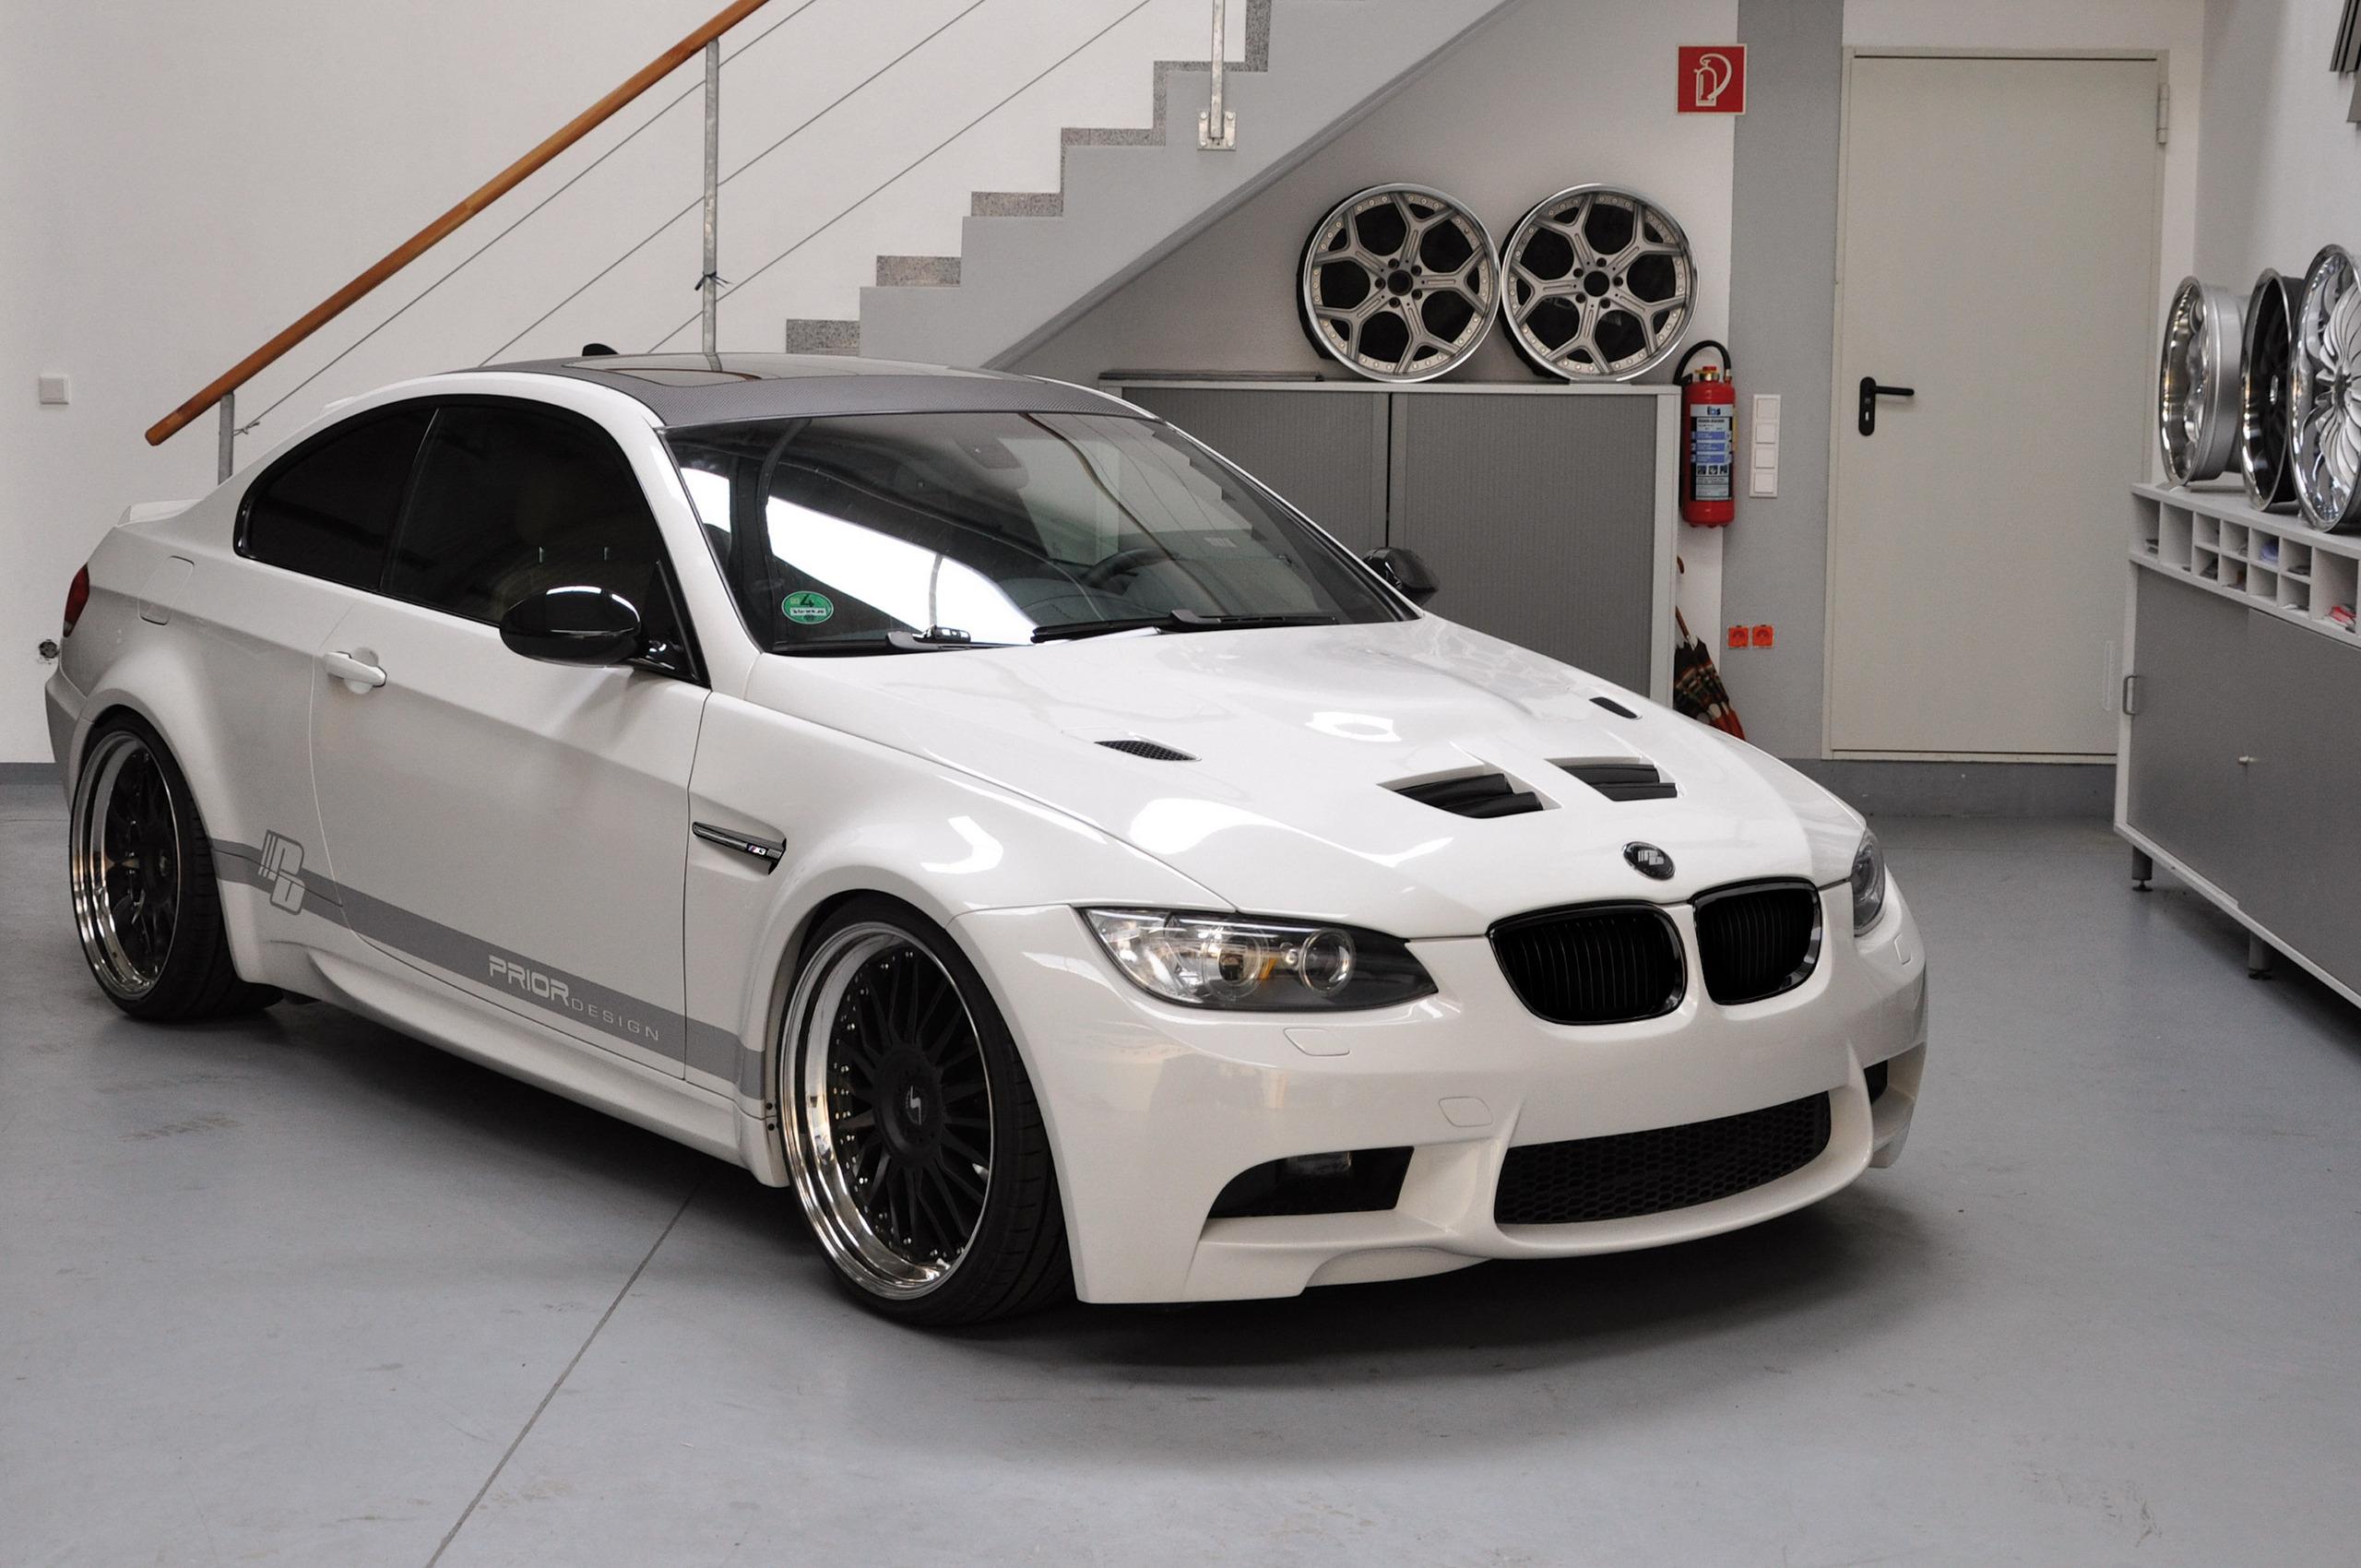 BMW E92 M3 BY PRIOR DESIGN